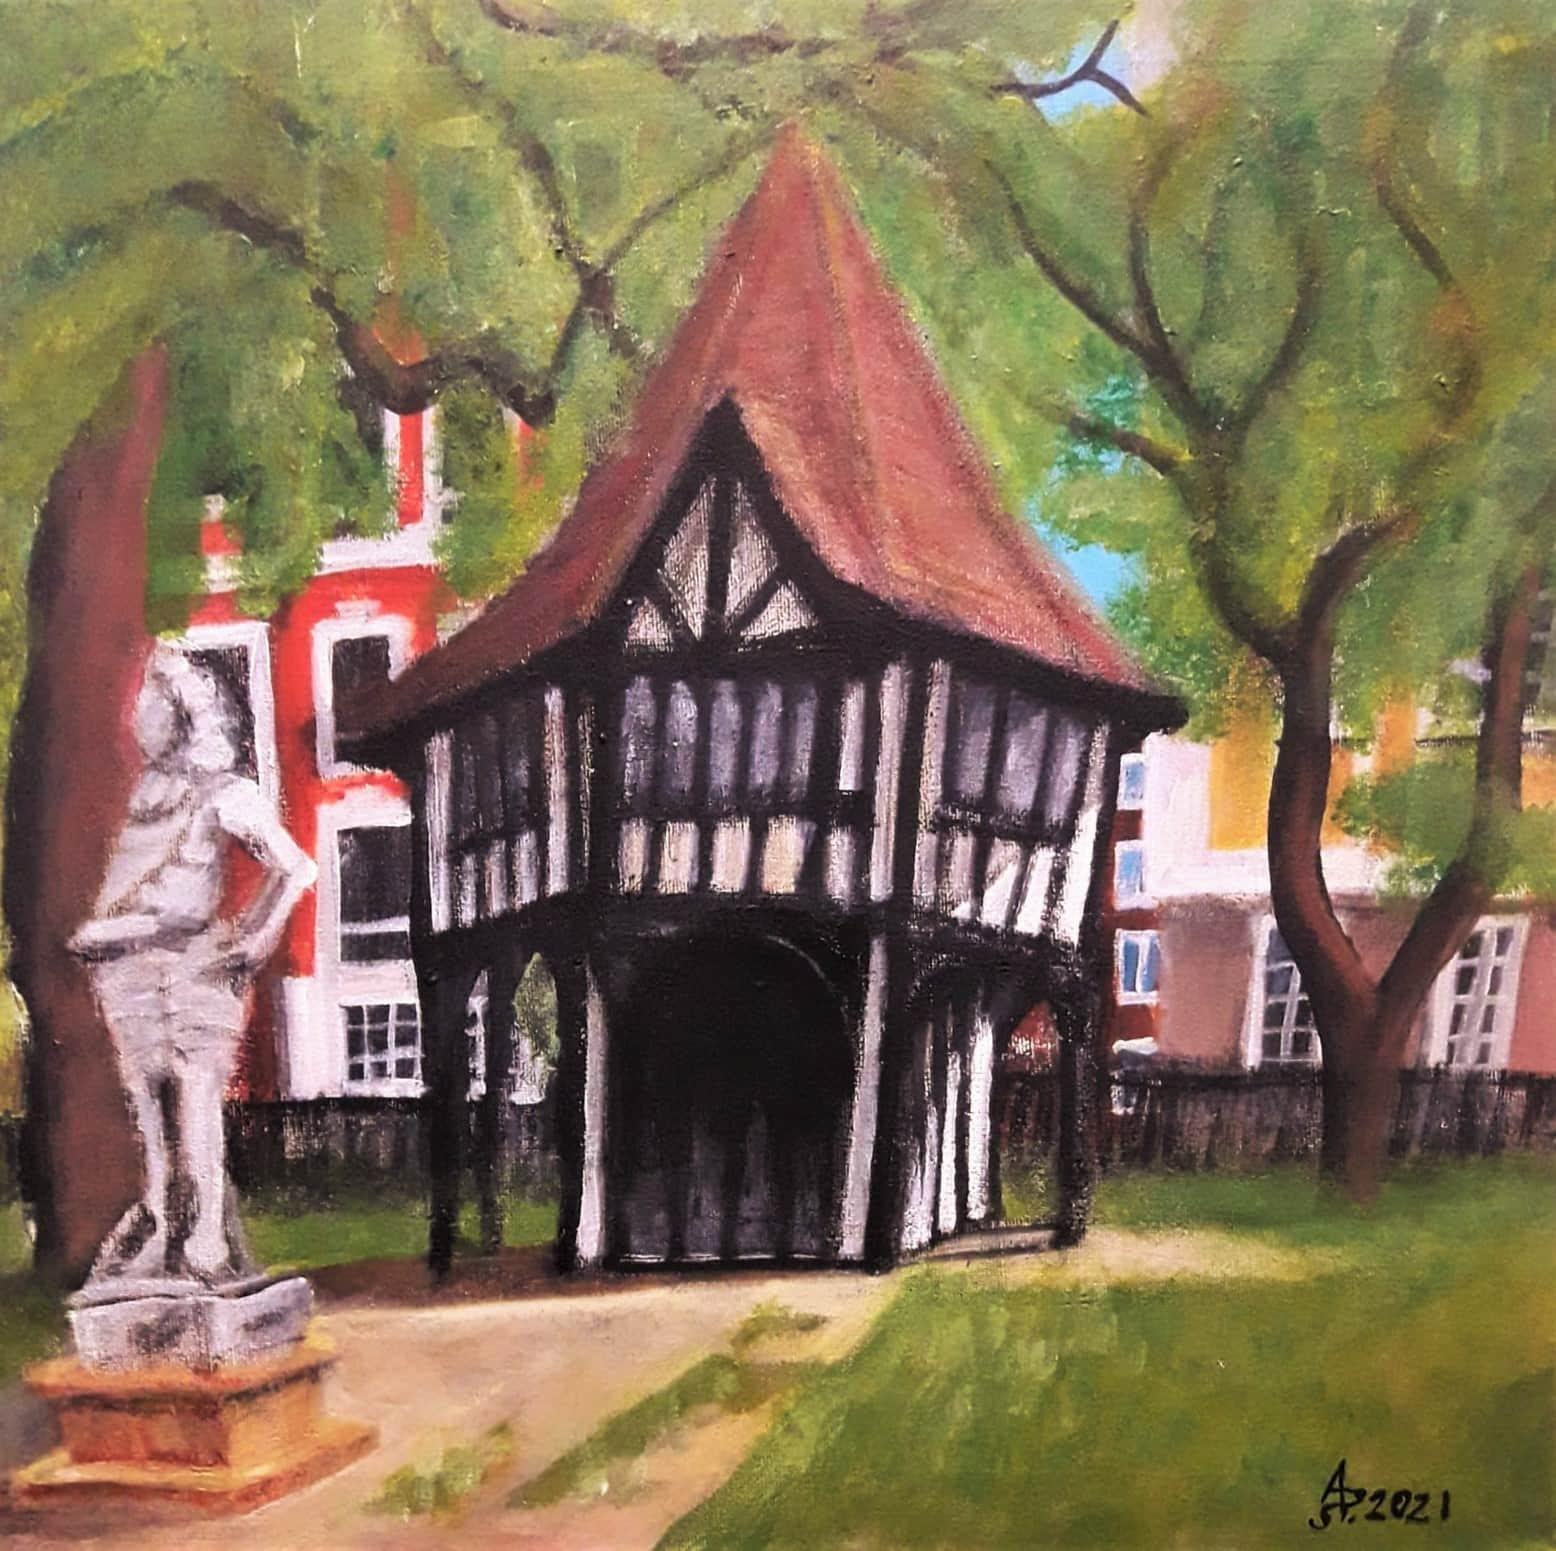 Londres, Soho Square. Acrilico sobre lienzo, 40 x 40 cm. 2021.